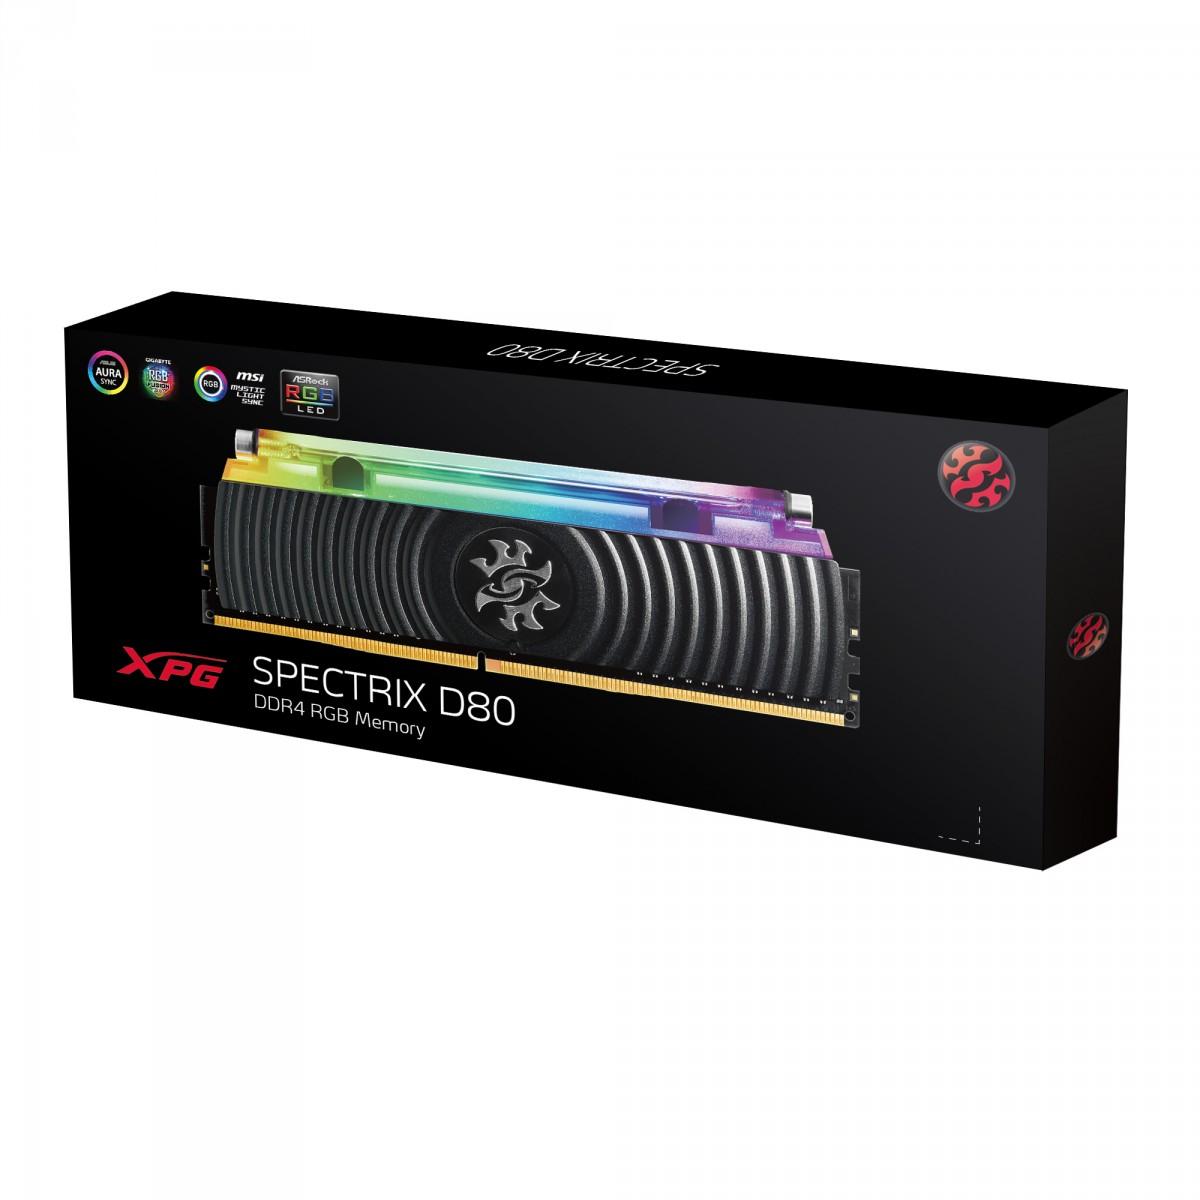 Memória DDR4 XPG Spectrix D80, 16GB, 3200Mhz, CL16, RGB, Black, AX4U3200316G16-SB80